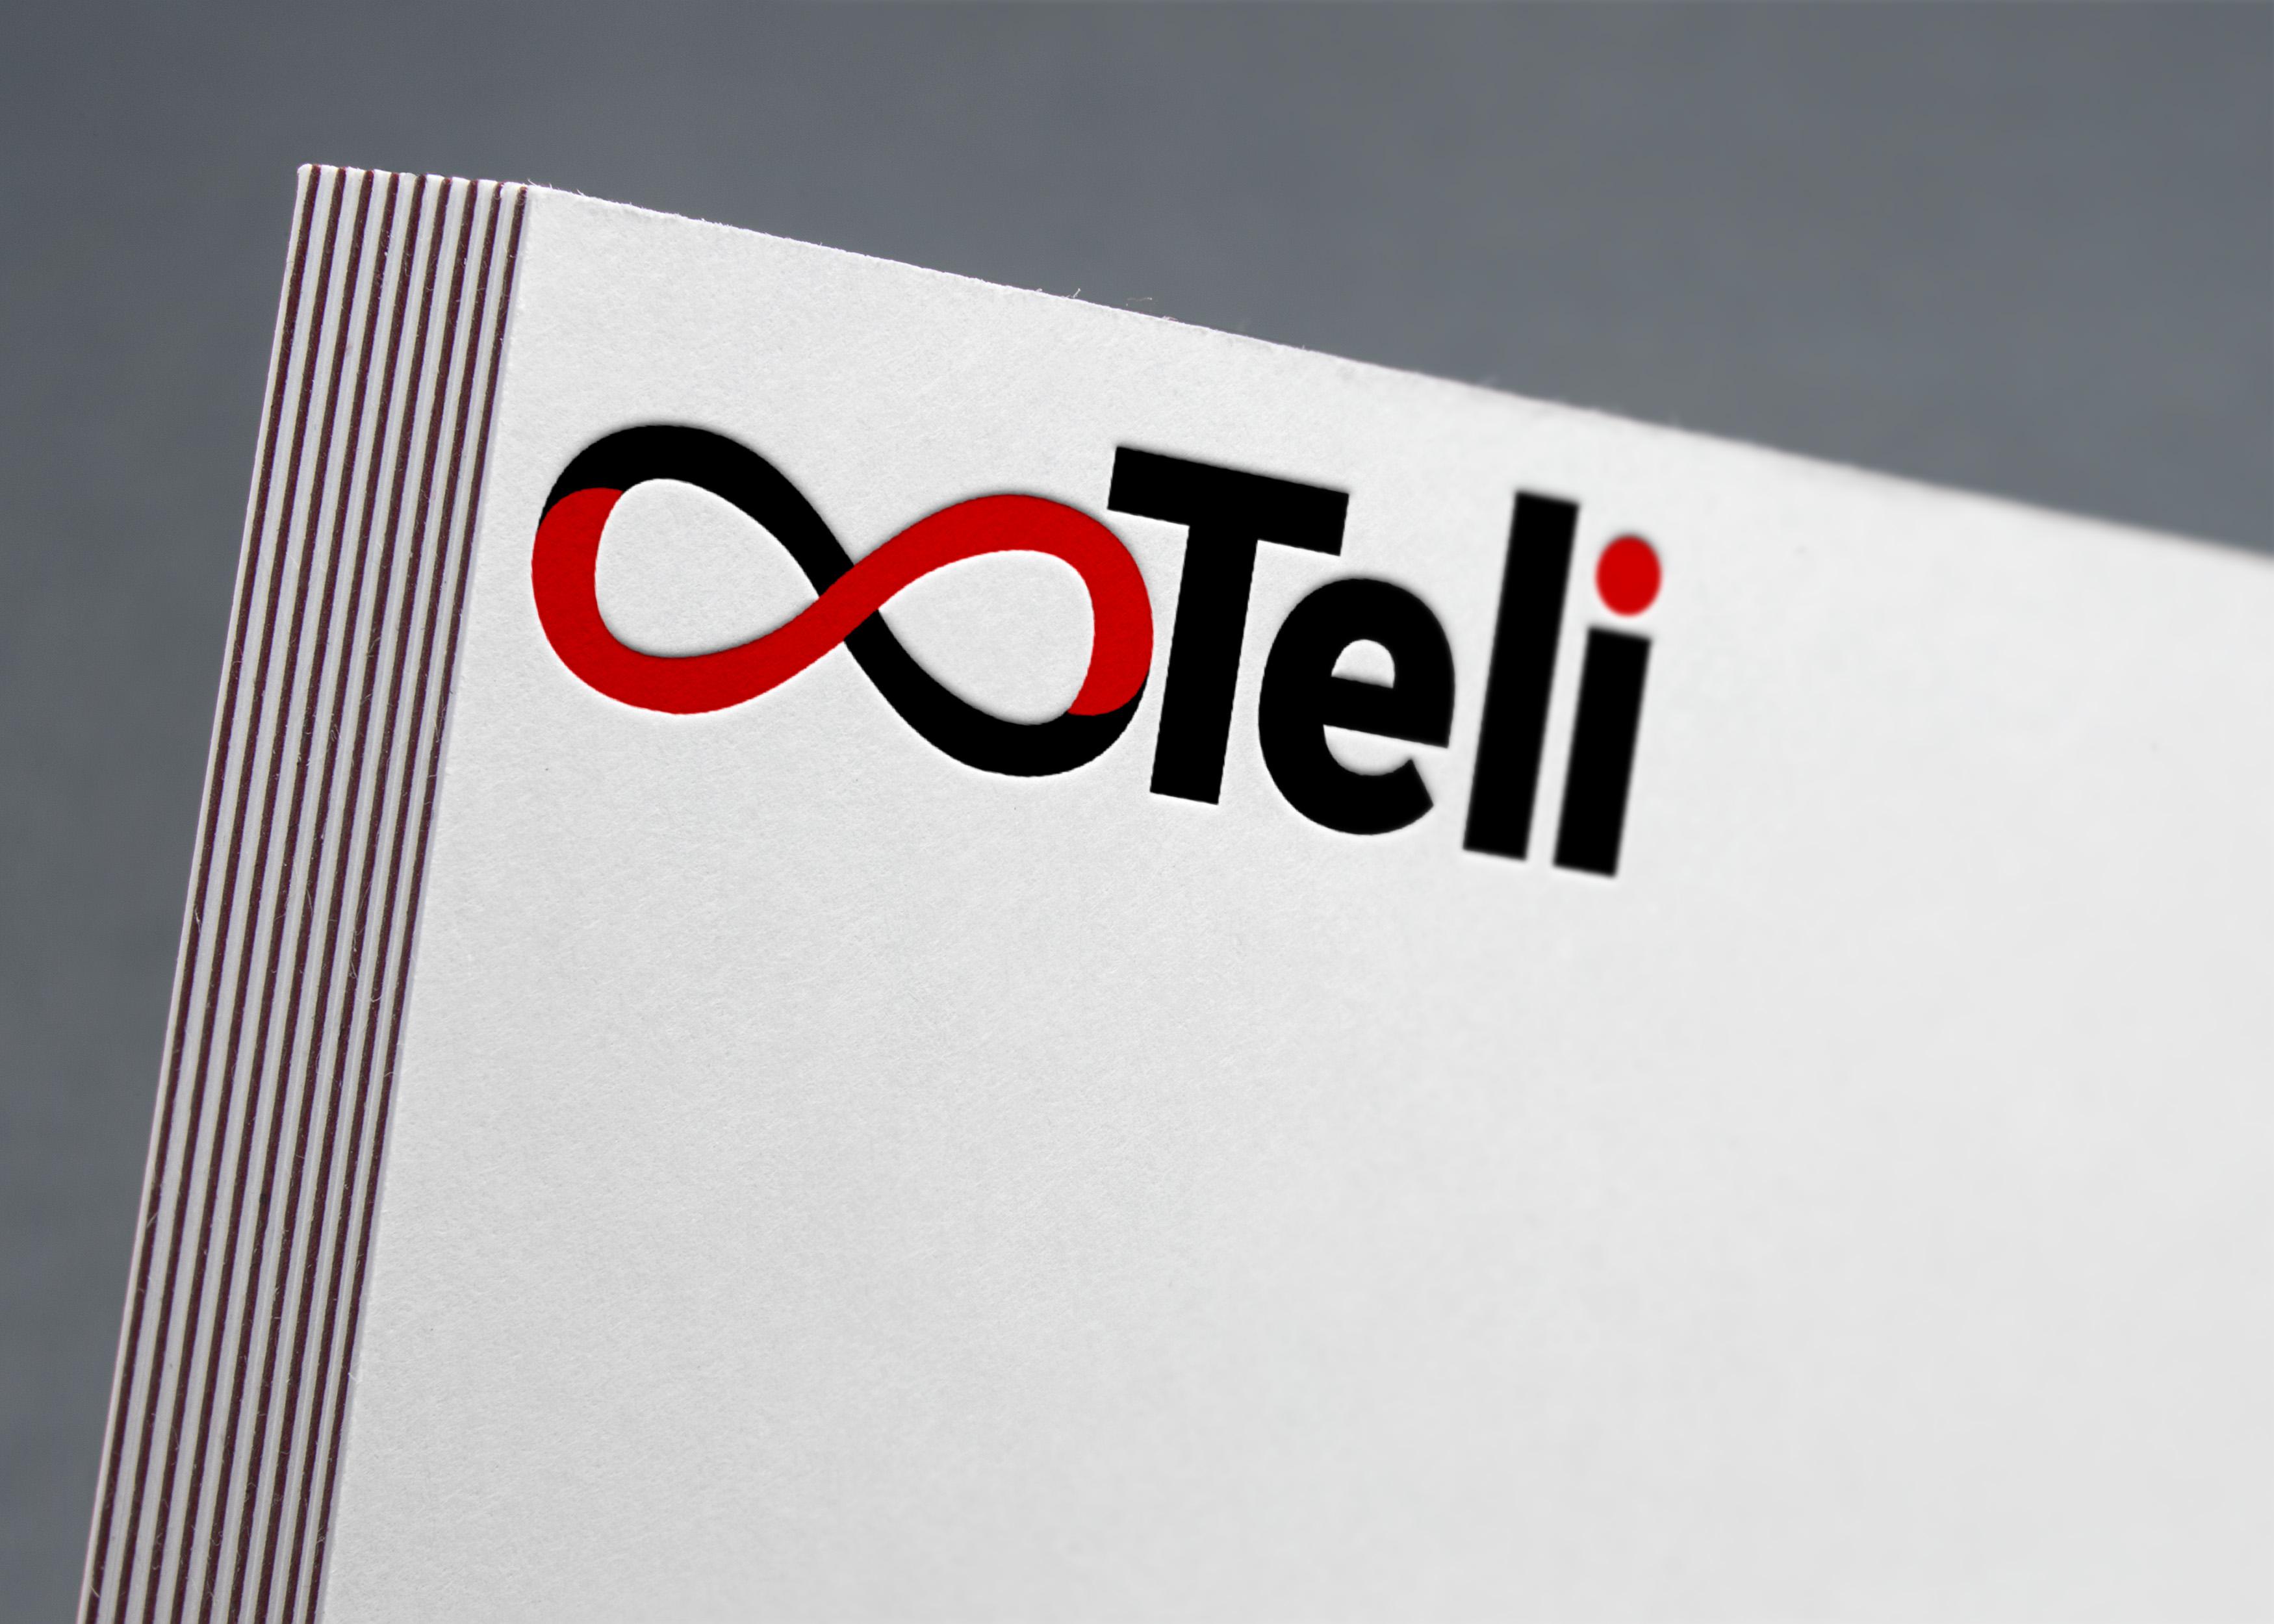 Разработка логотипа и фирменного стиля фото f_21658f9e587363bd.jpg